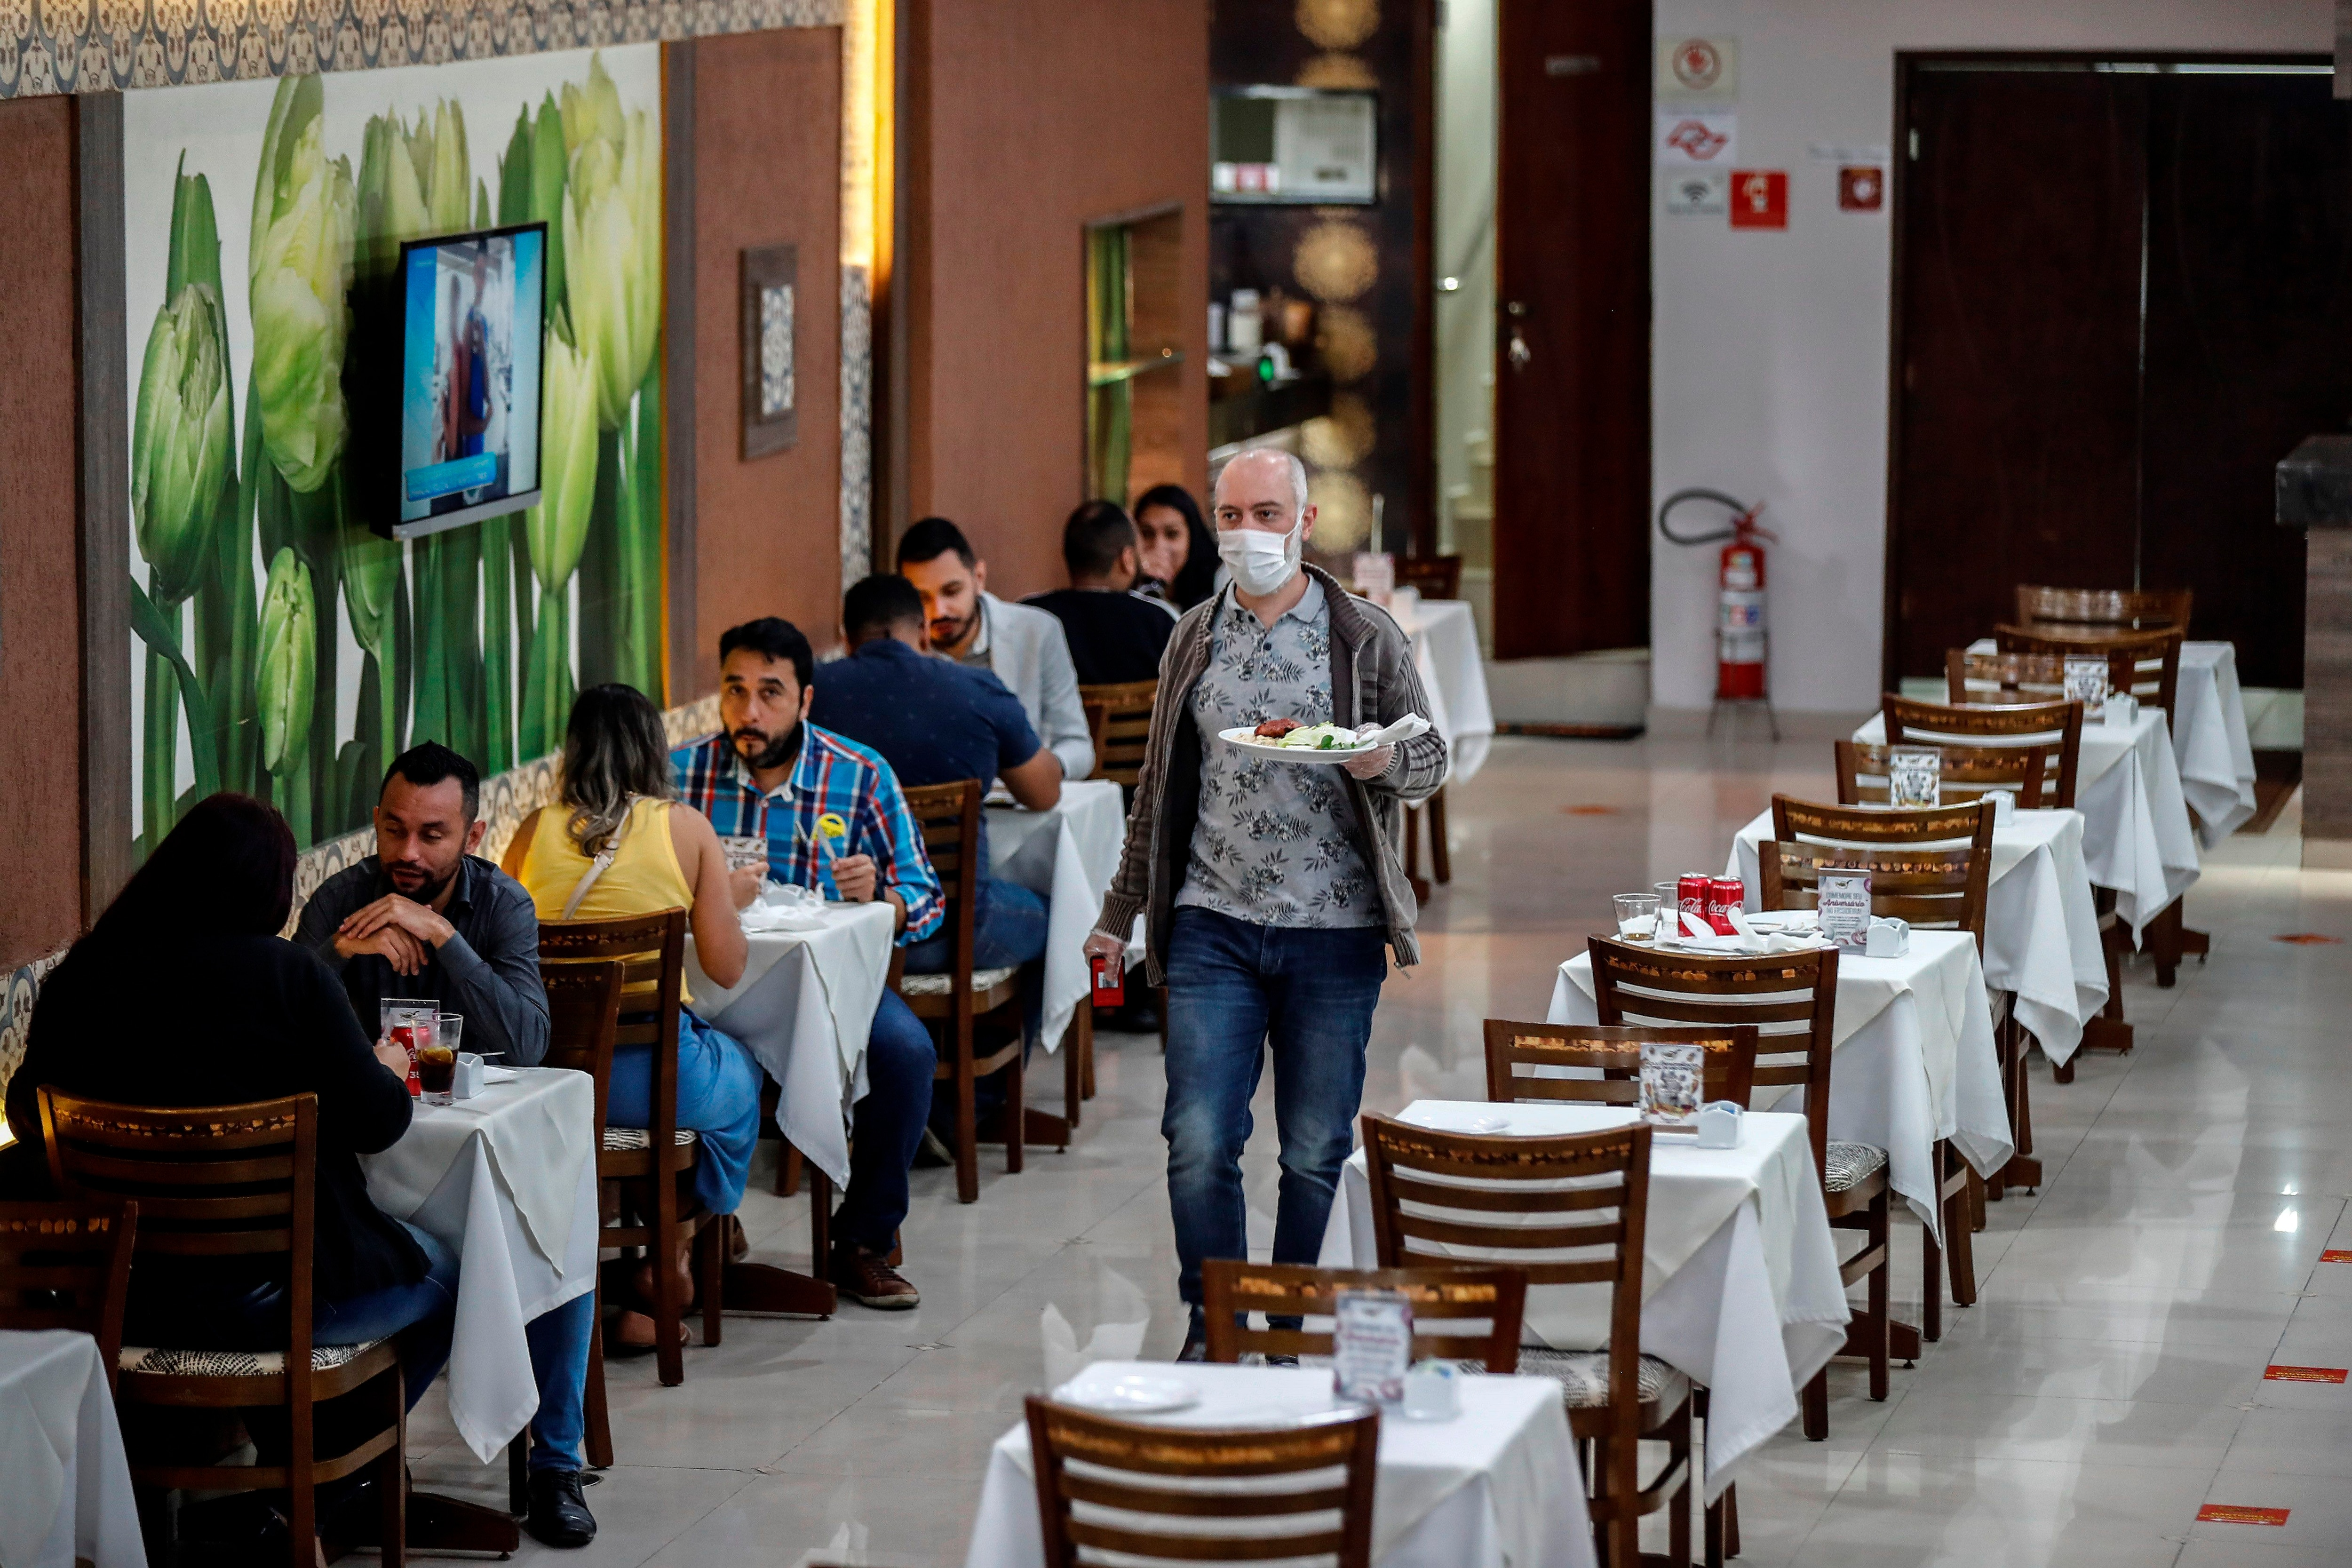 Vista general de un restaurante con atención al público de forma presencial este lunes, en Sao Paulo (Brasil). EFE/ Sebastiao Moreira